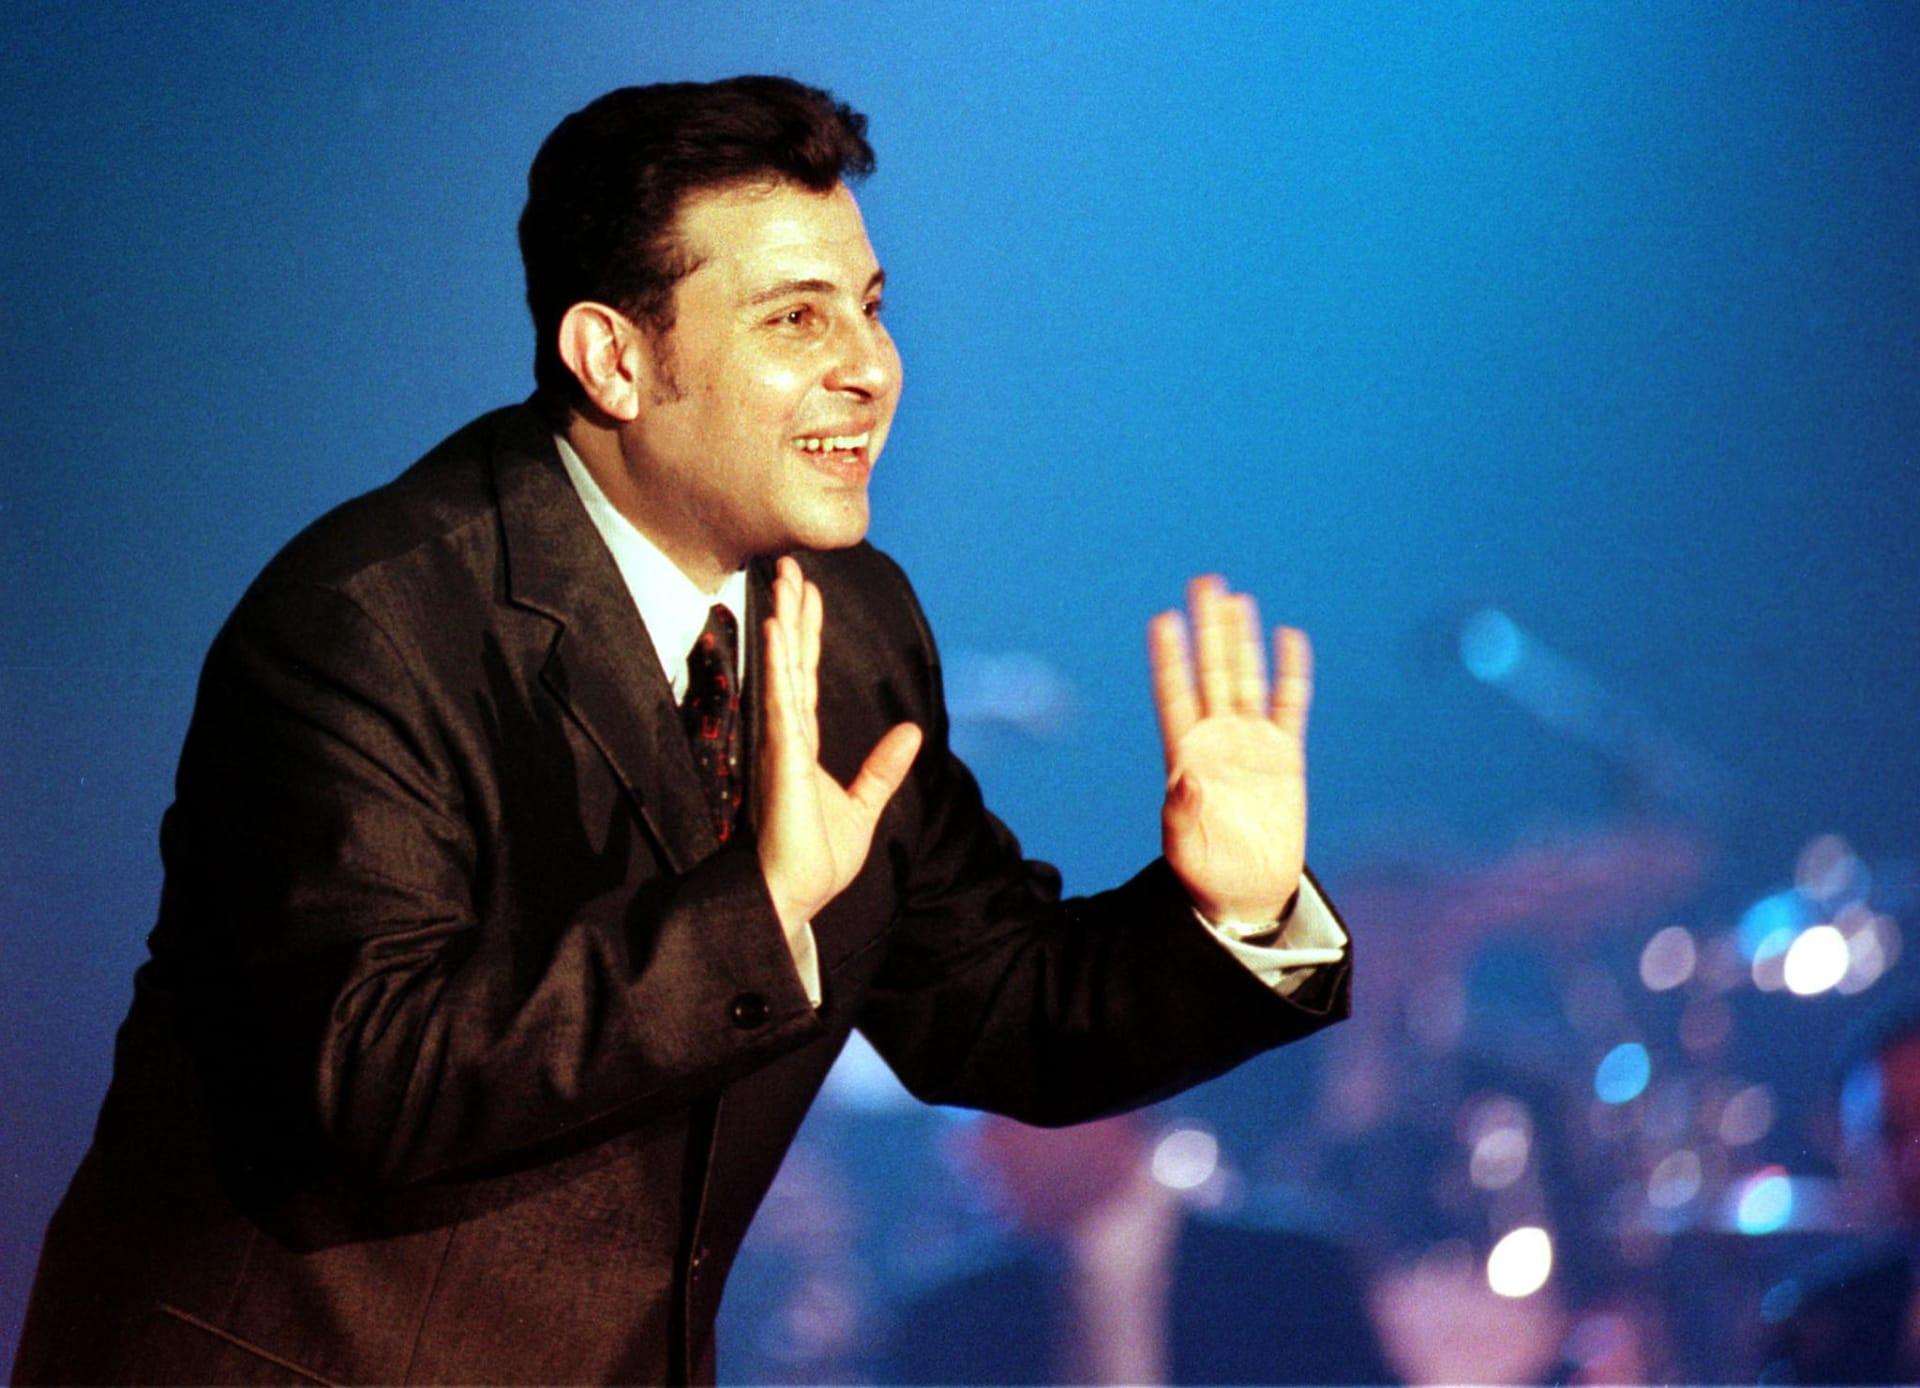 المطرب المصري هاني شاكر يغني في مركز التجارة العالمي بدبي في 21 مارس 2001